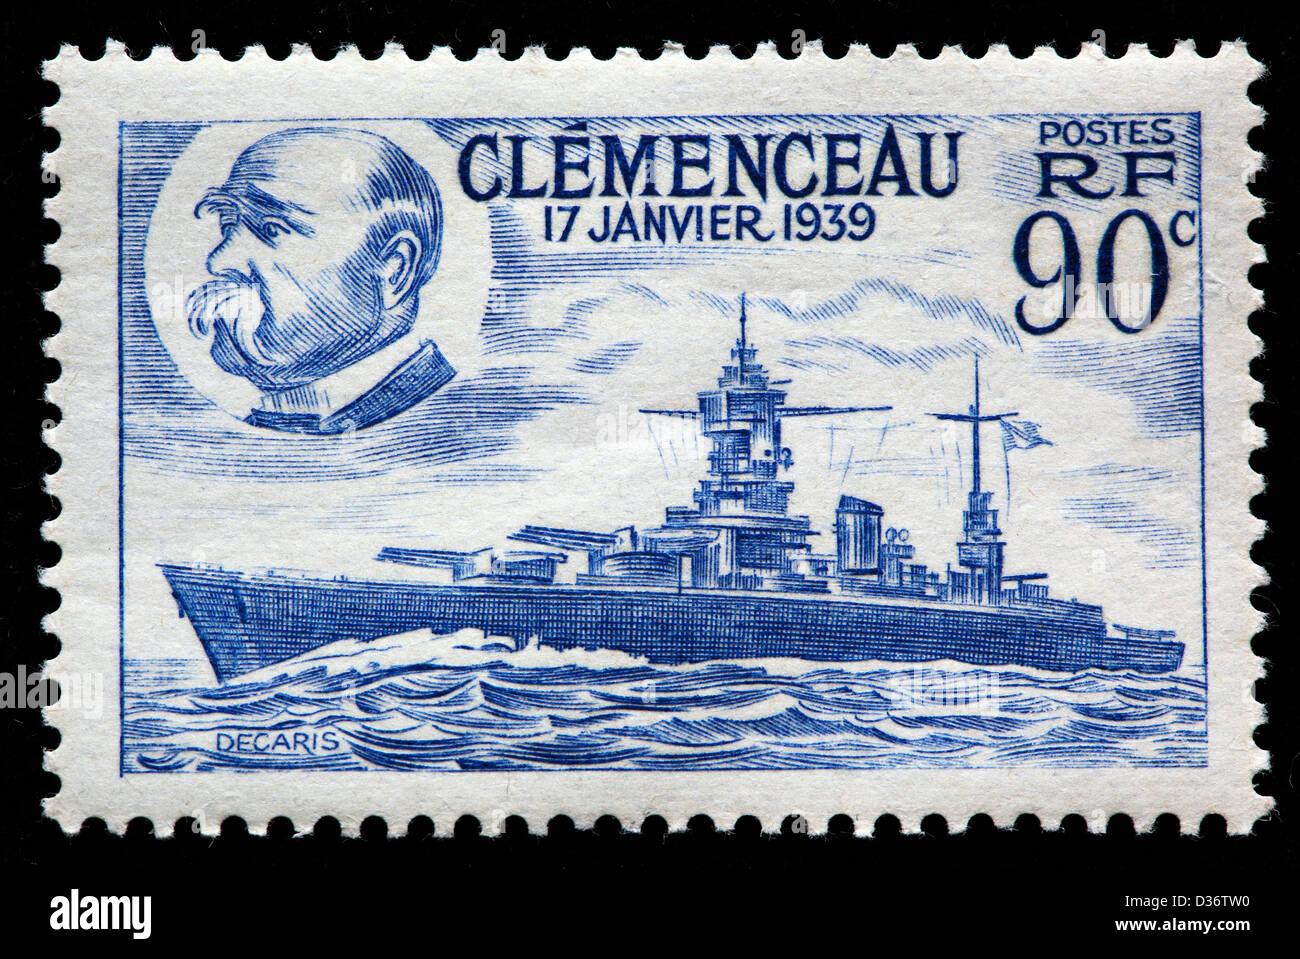 Georges Clemenceau und Battleship, Briefmarke, Frankreich, 1939 Stockbild